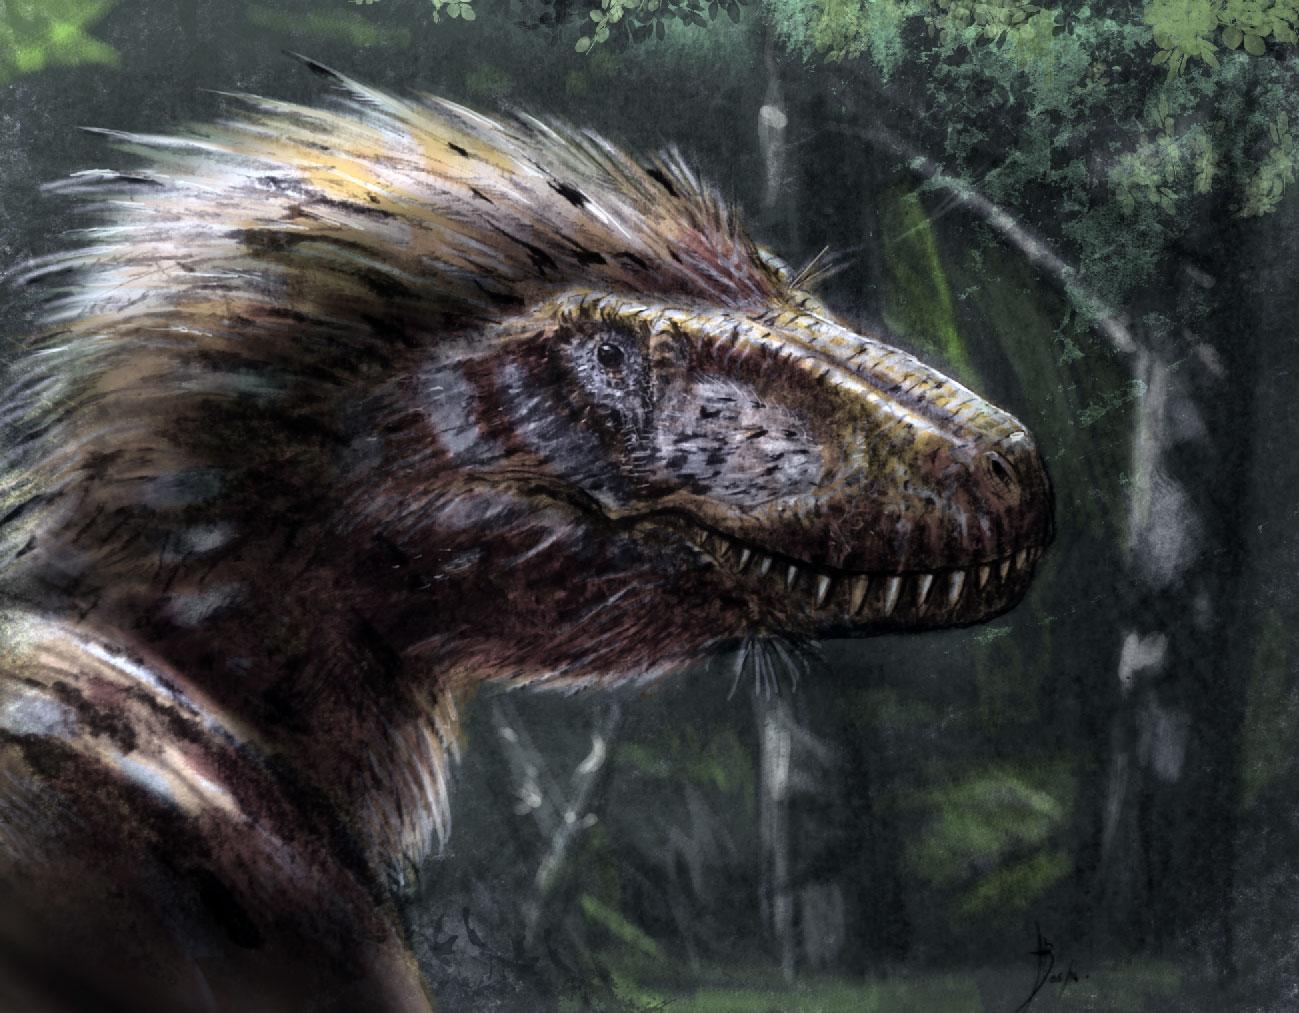 Tyrannosaurus rex by dustdevil